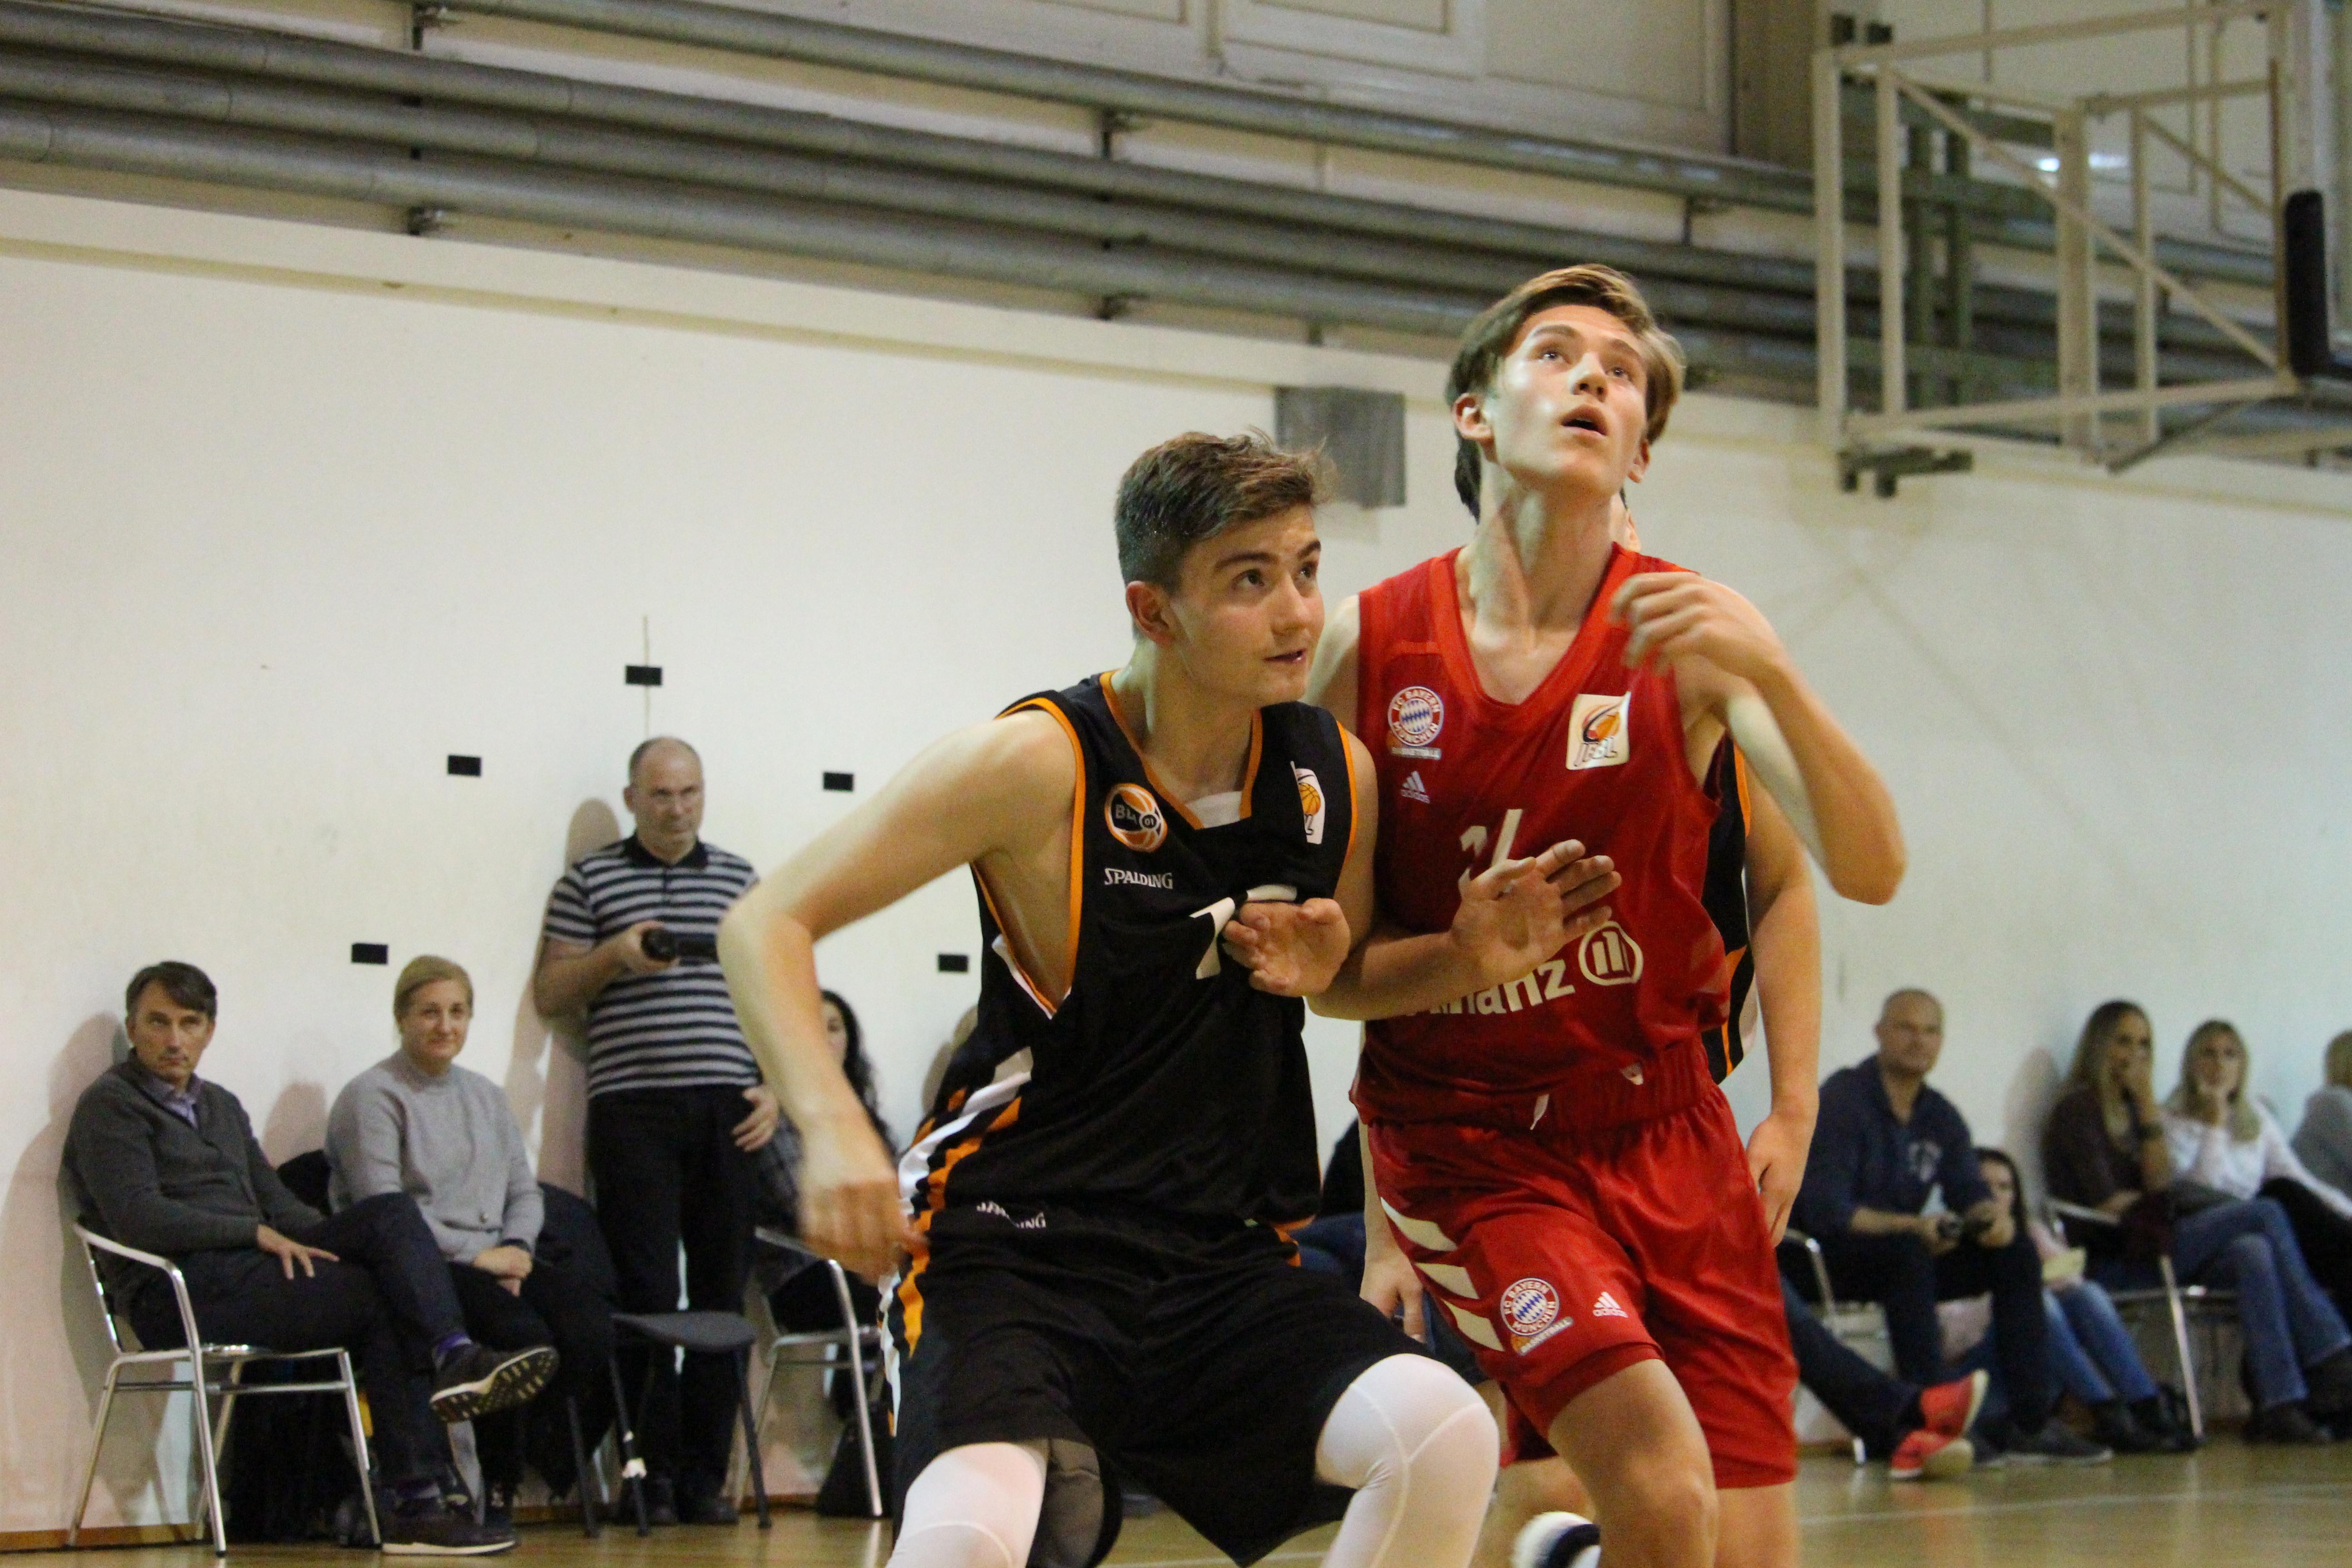 JBBL_19-20_OrangeAcademy_FC-Bayern-München-Basketball_Spieltag7_Lauro-Maiser